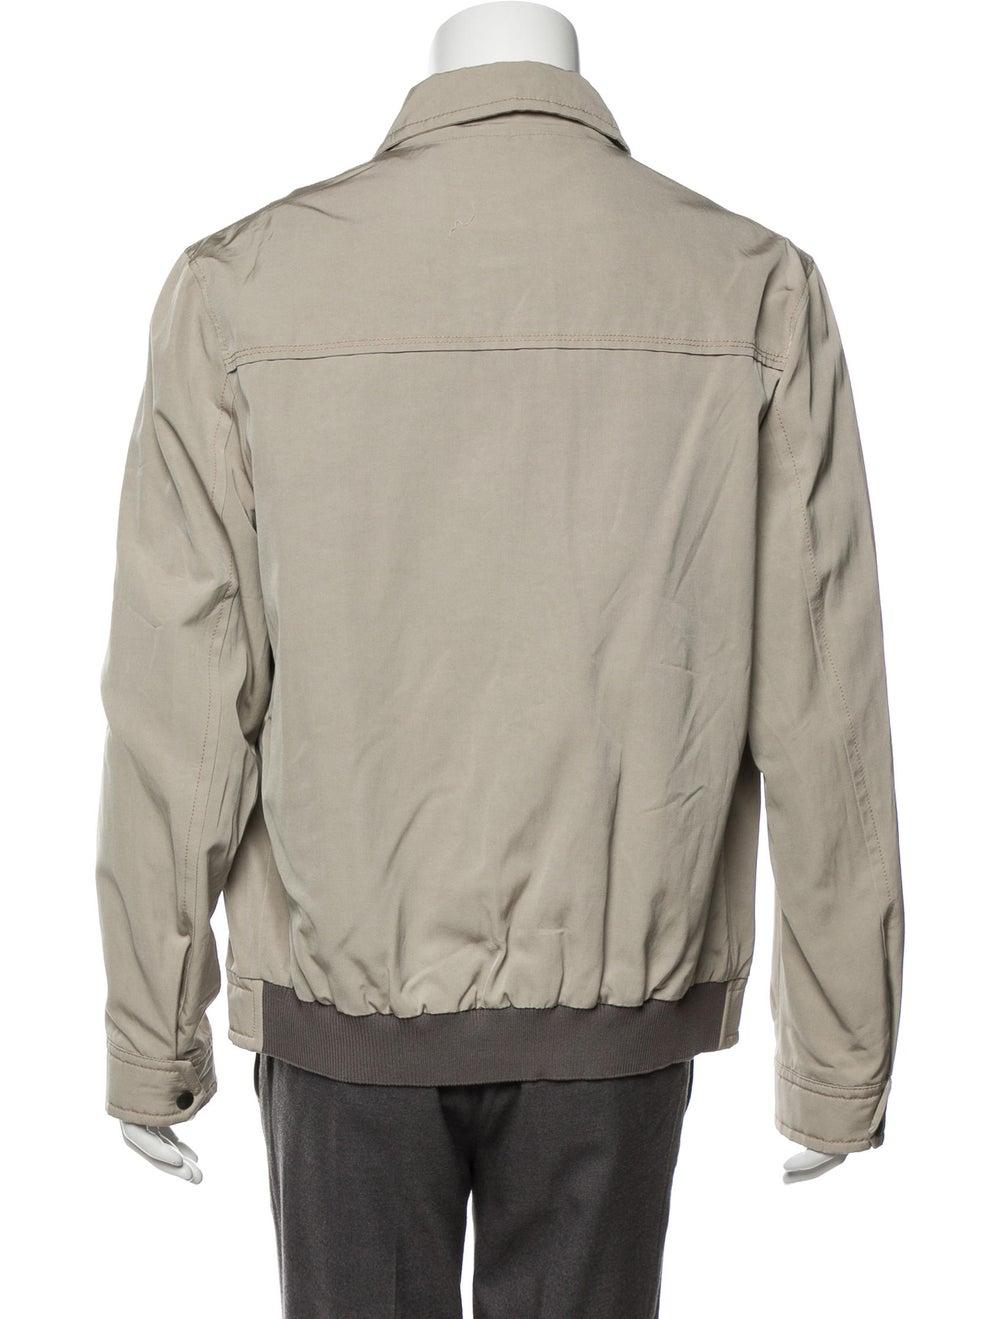 Lanvin Ricky Blouson Jacket w/ Tags beige - image 3